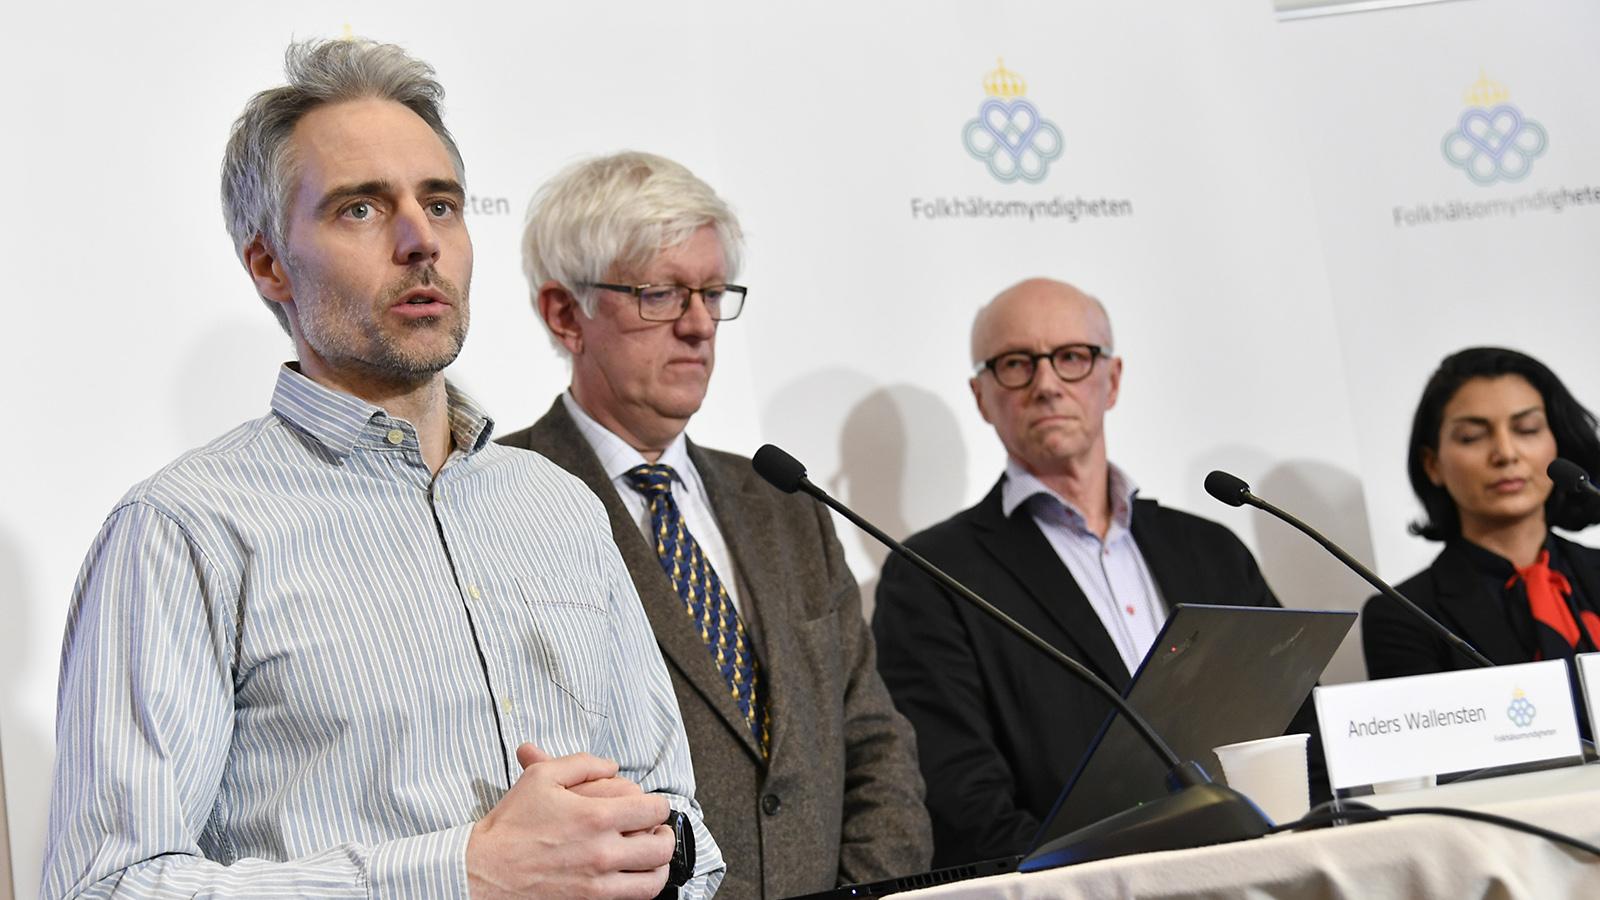 Folkhälsomyndigheten: Risken för coronaspridning i Sverige är mycket hög